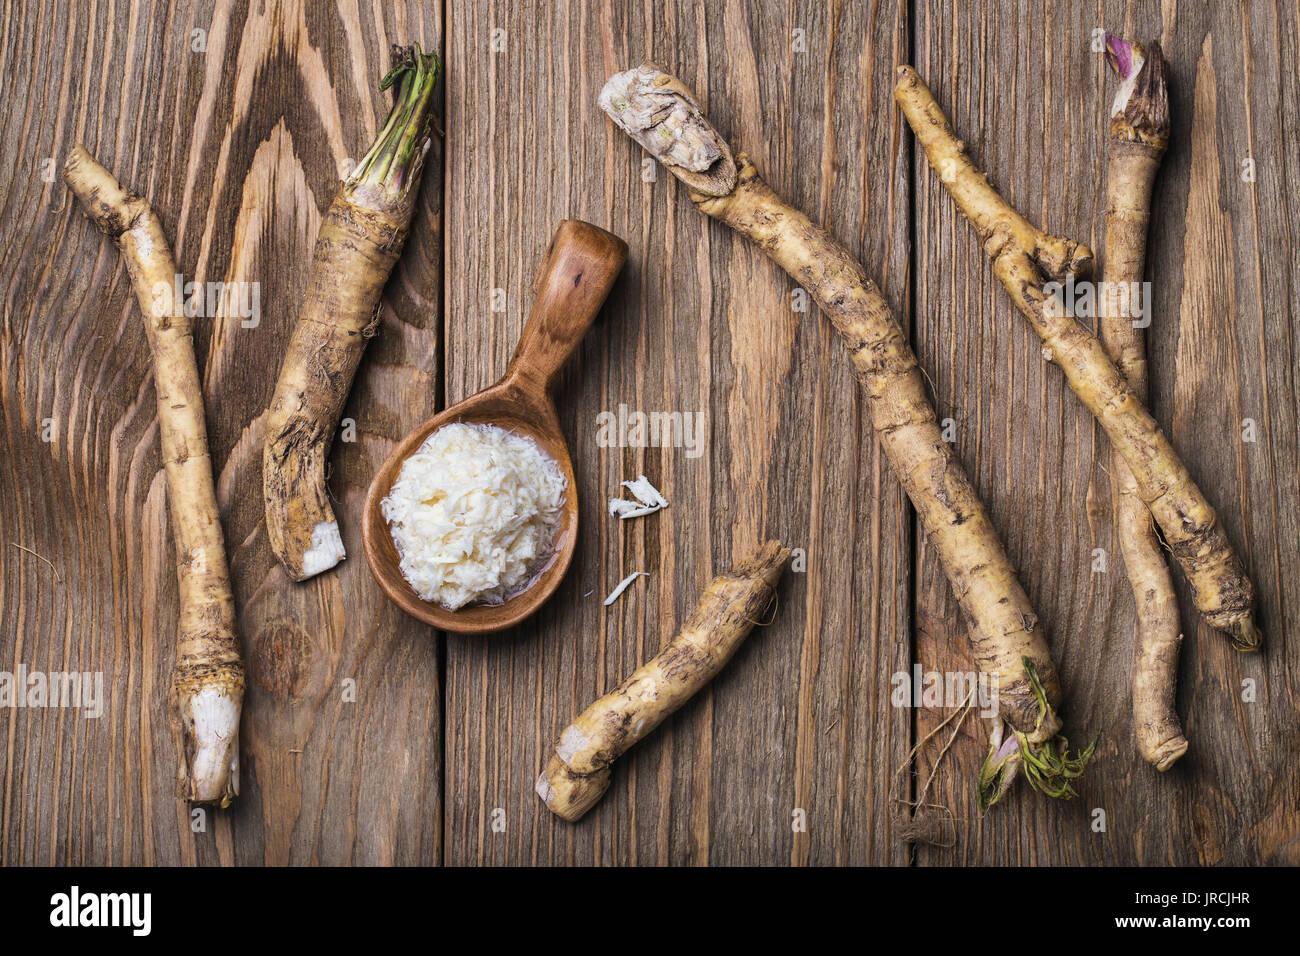 Assaisonnement de raifort râpé, vue du dessus Photo Stock